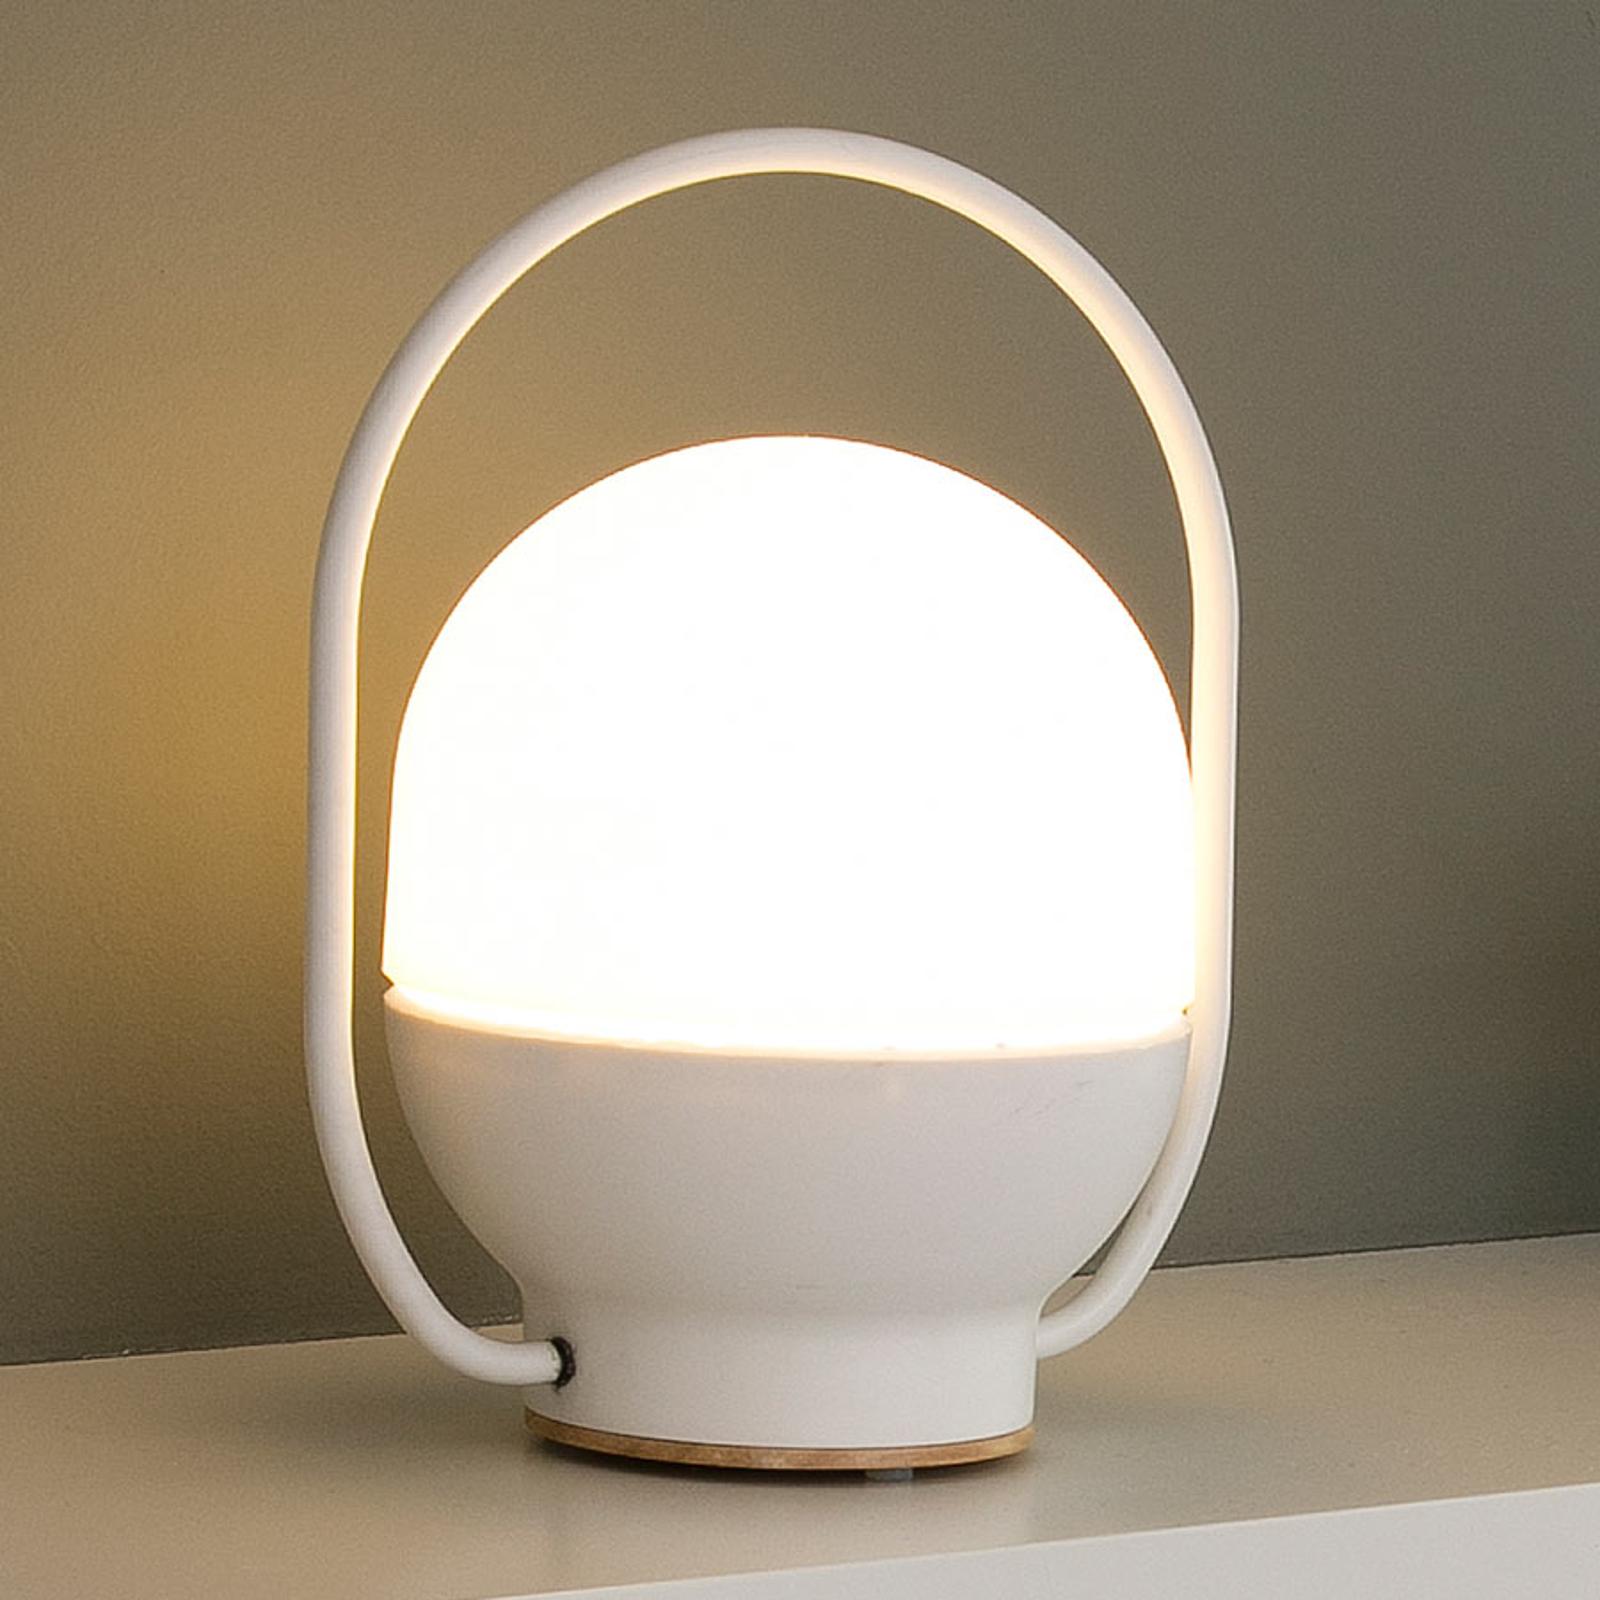 Bærbar LED-bordlampe Take away med USB